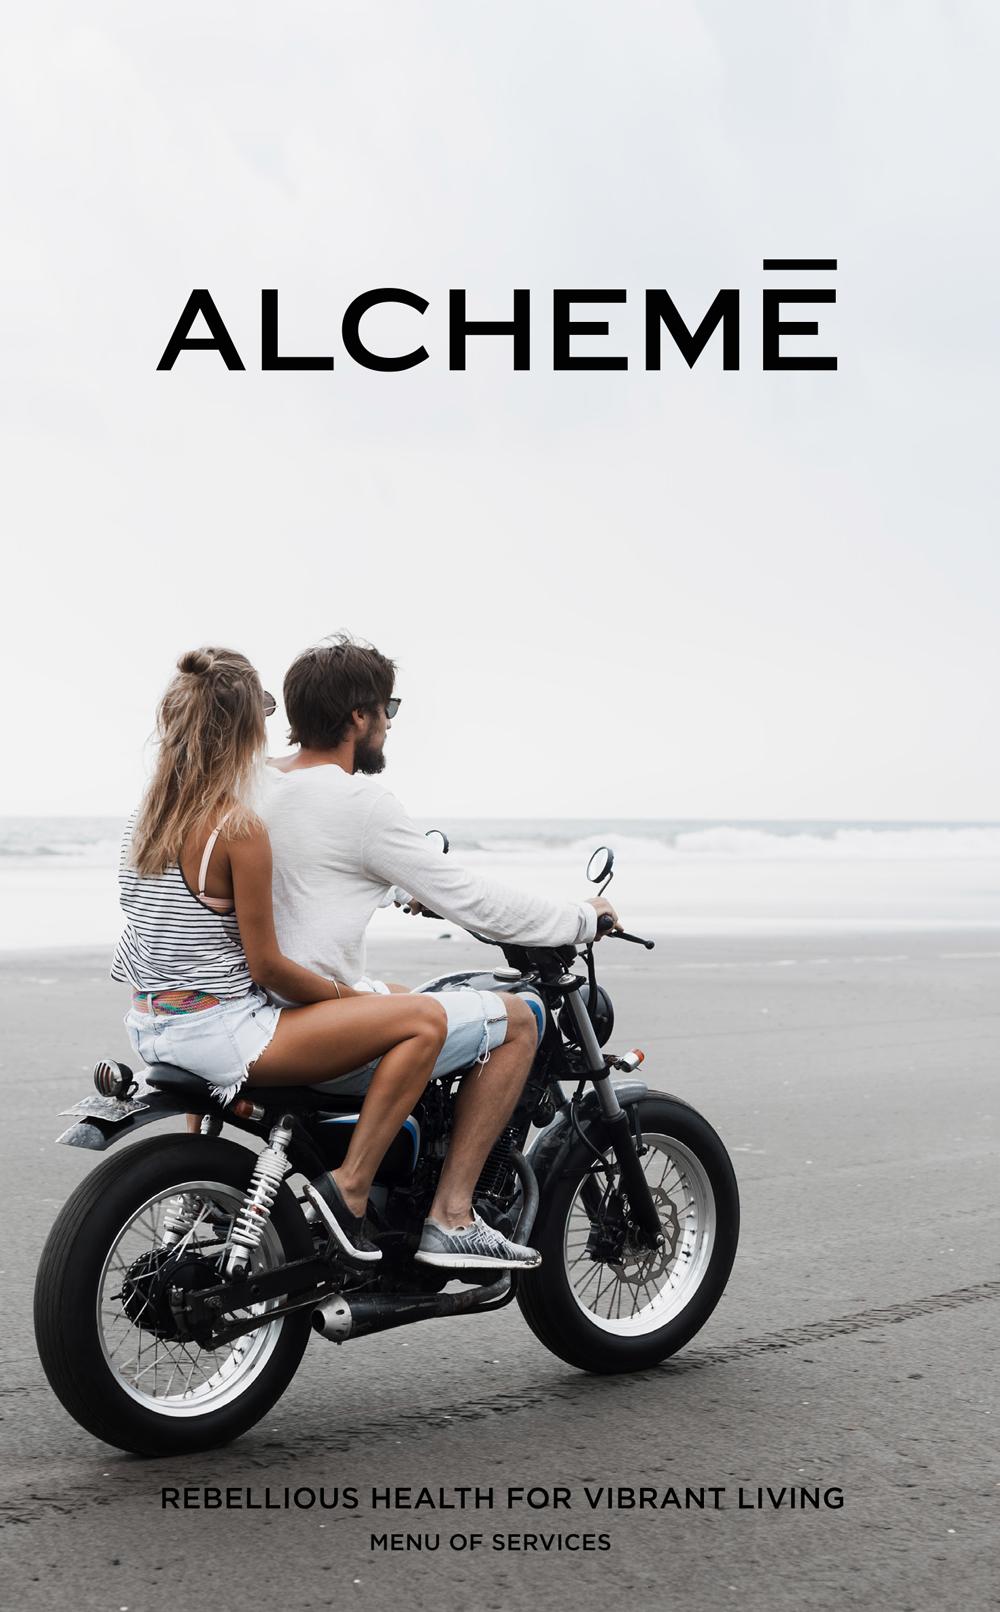 ALCHEMĒ-FRONT-pt2.png